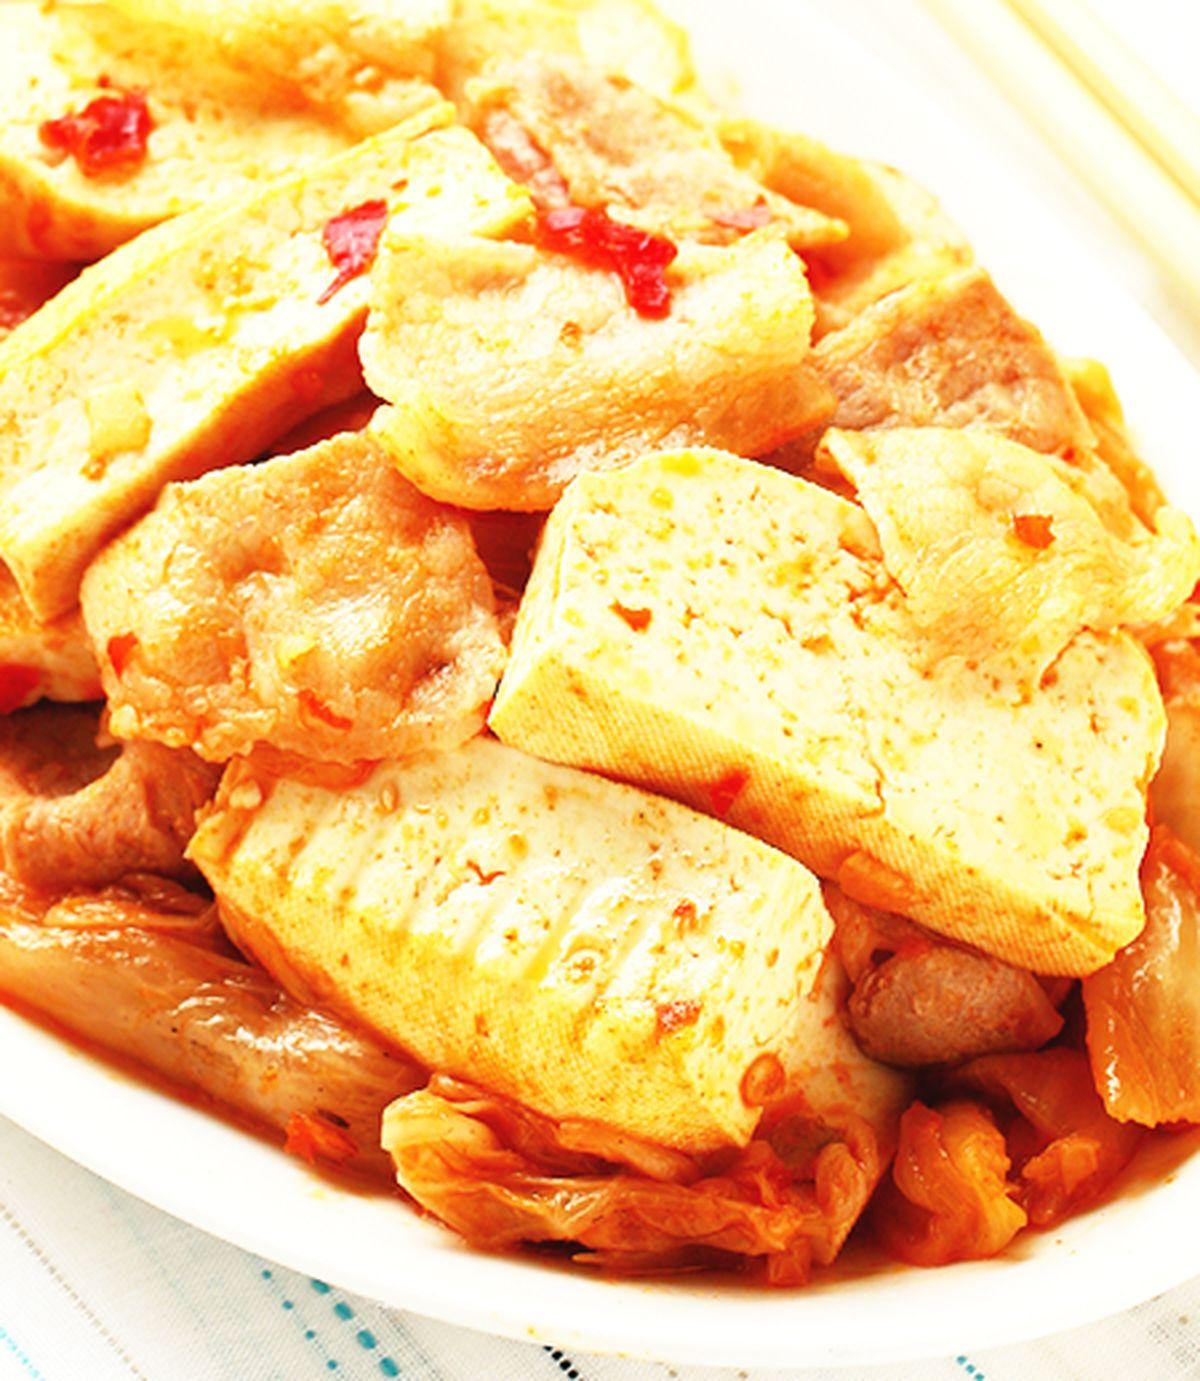 食譜:泡菜炒豆干